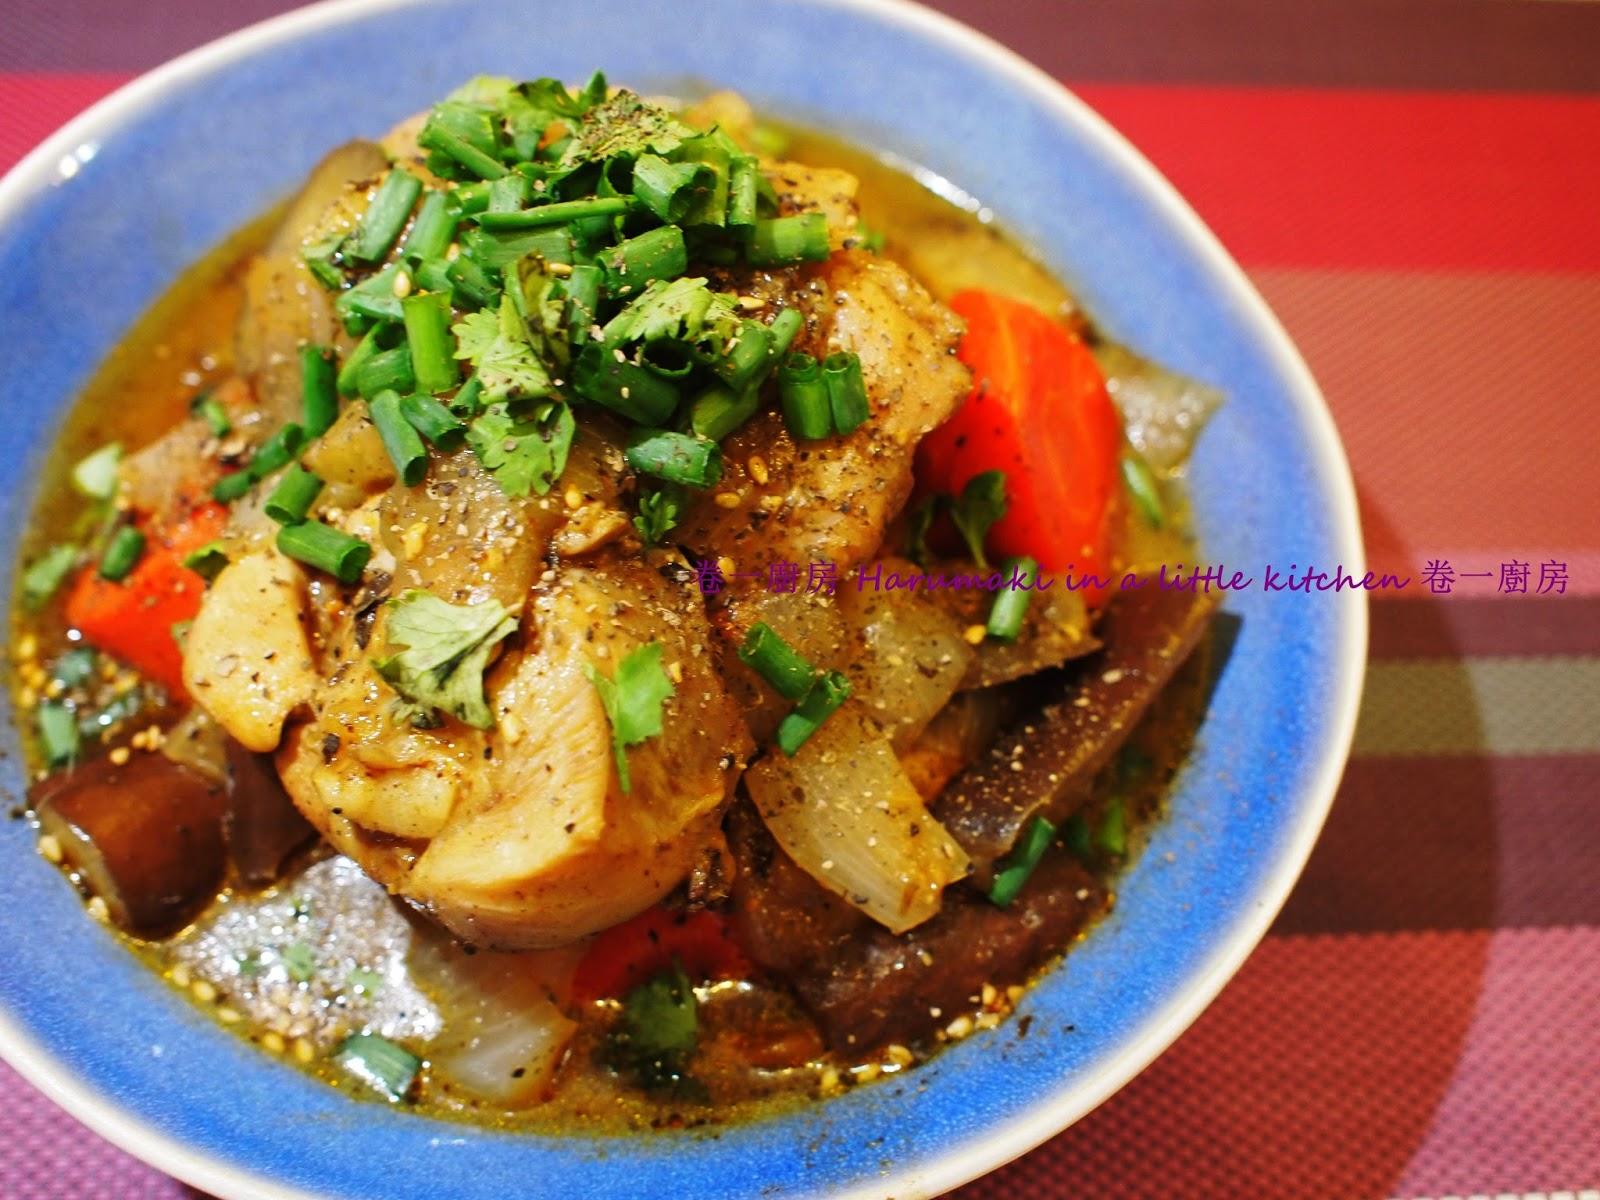 胡椒茄子雞 (附食譜) - 主菜 - SeeWide